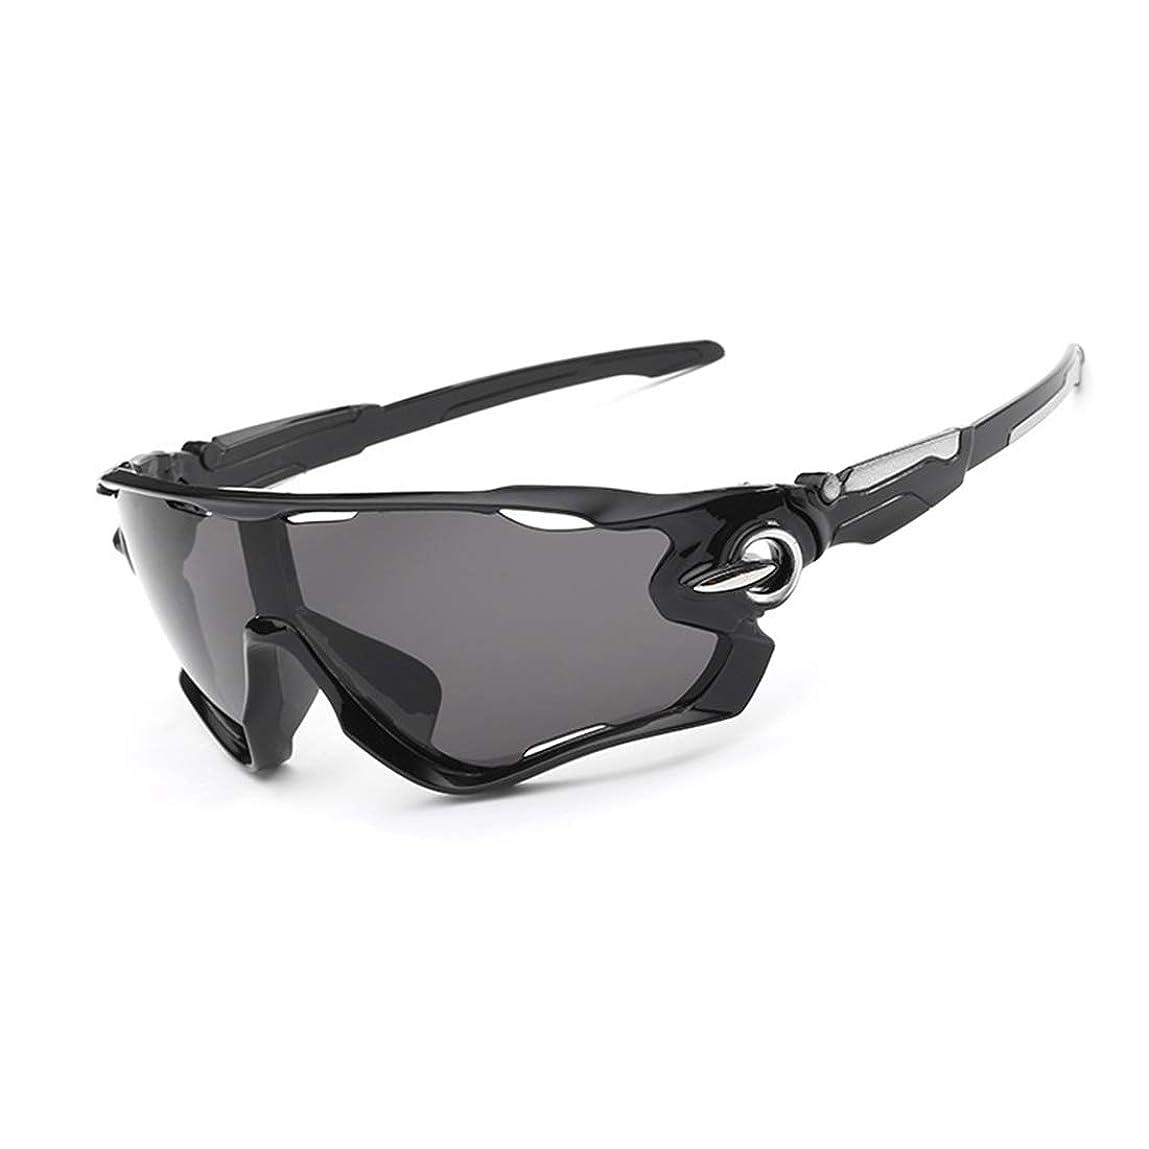 保護めがね 二眼型 調節 保護ゴーグル男性用および女性用安全メガネ防衝撃 紫外線防止 軽量